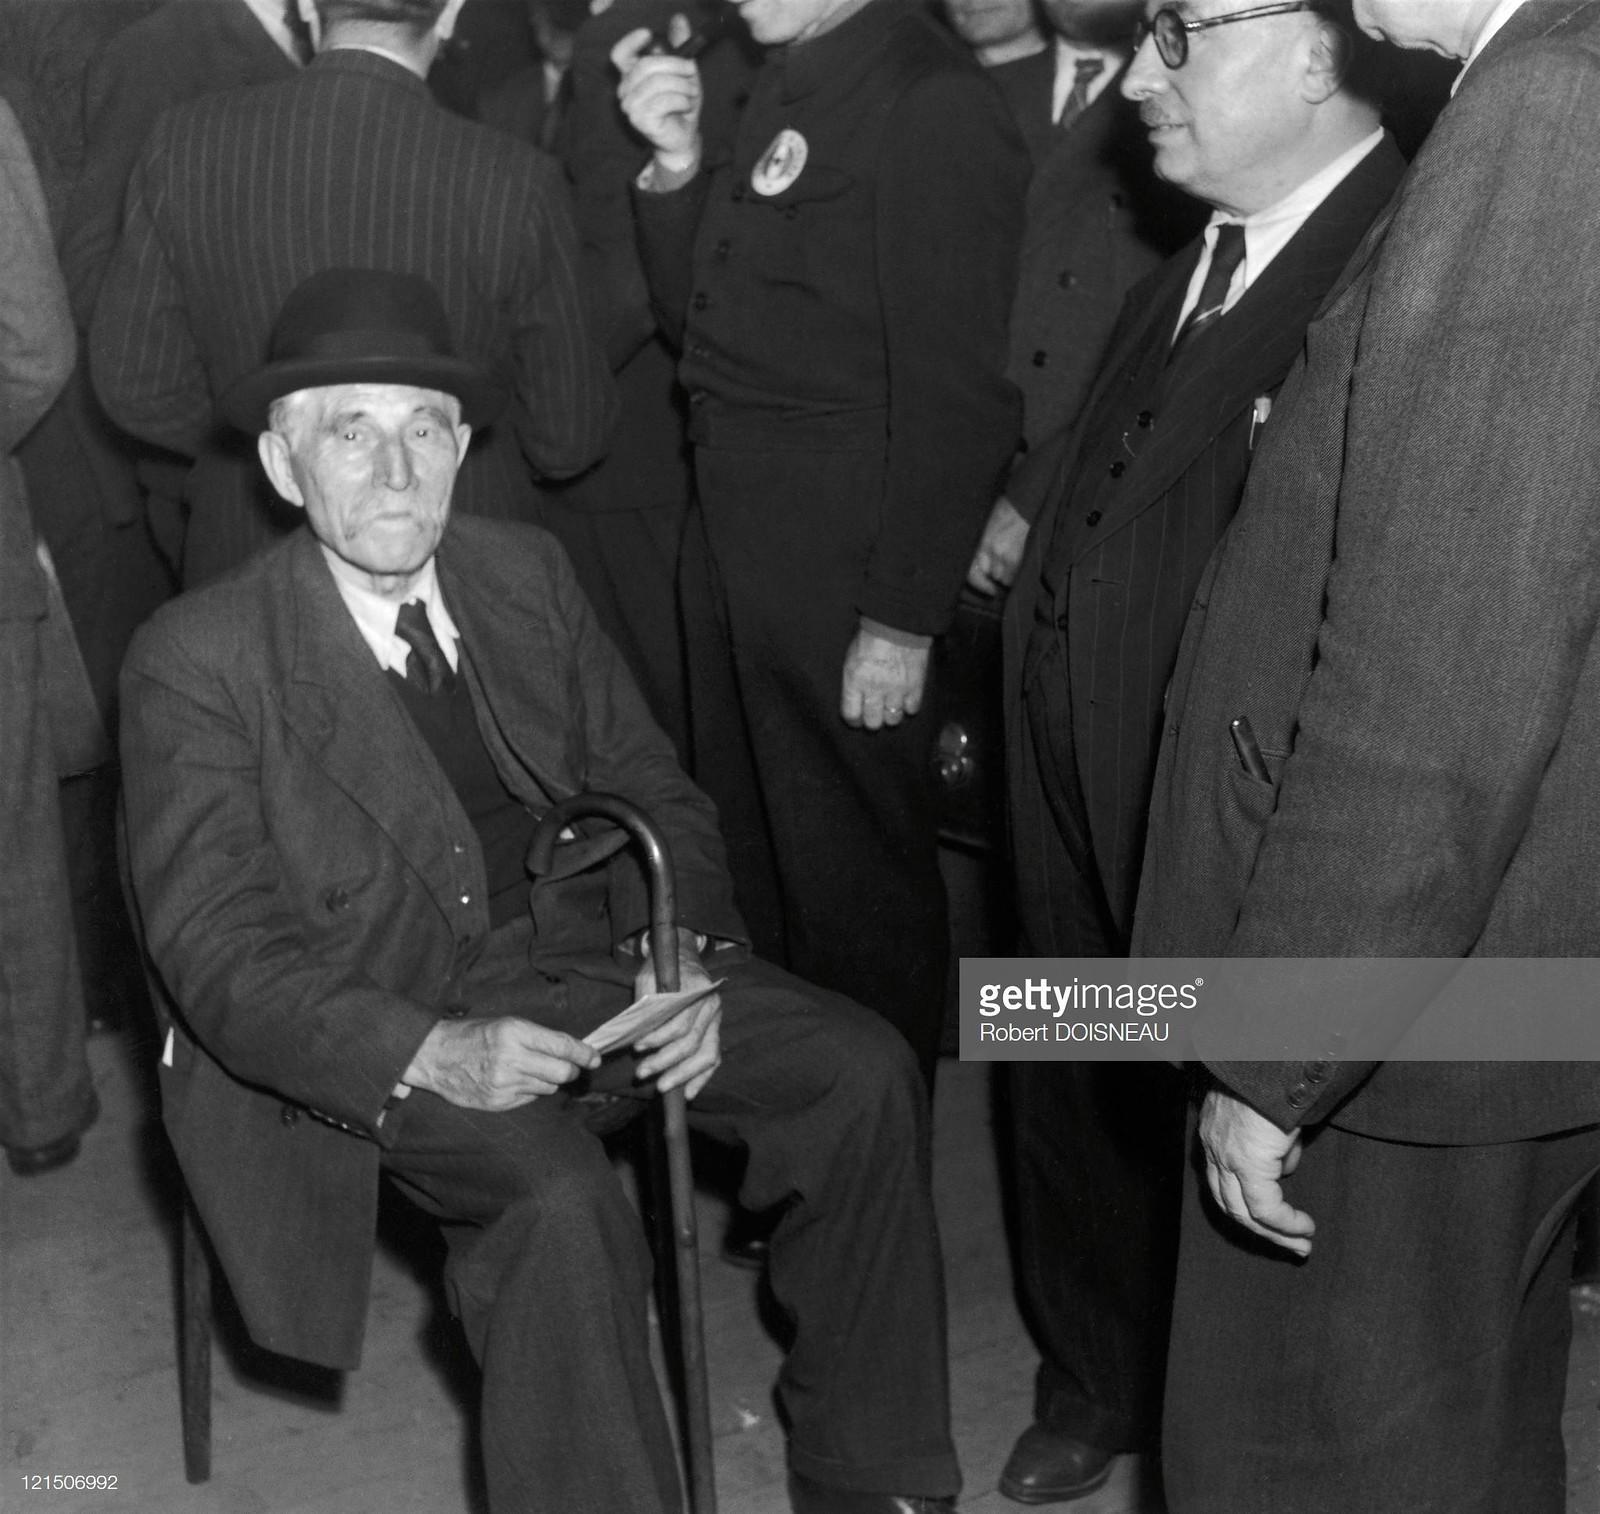 Марсель Кашен (французский коммунист, крупный деятель Социнтерна и Коминтерна) и Жак Дюкло (руководитель Французской компартии, сподвижник и фактический преемник Мориса Тореза)